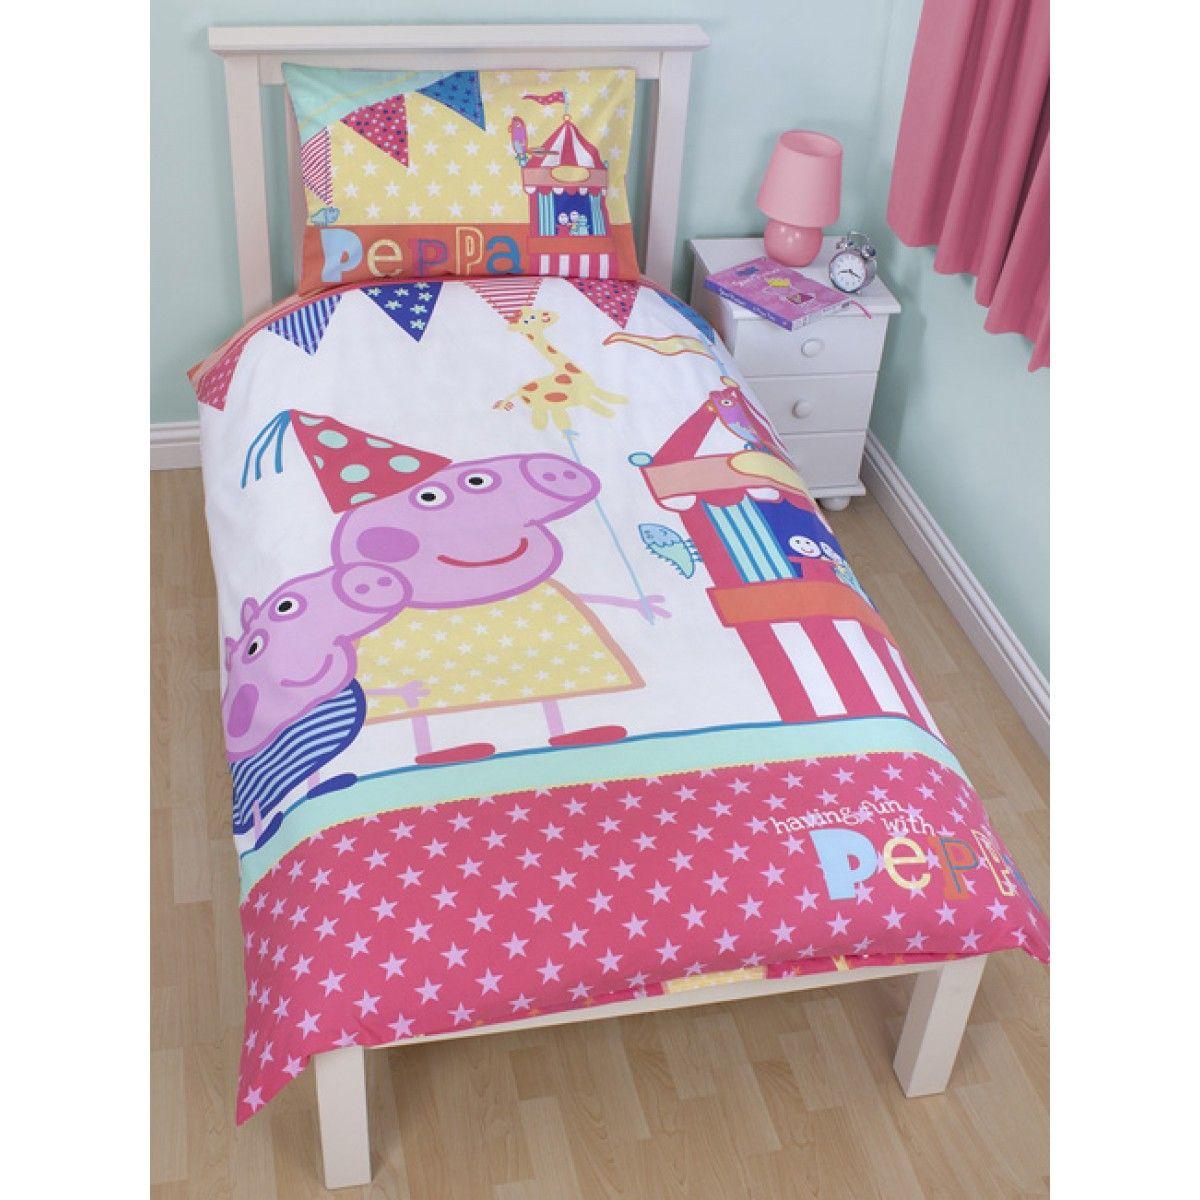 Peppa Pig £50 Bedroom Makeover Kit Duvet bedding, Bed